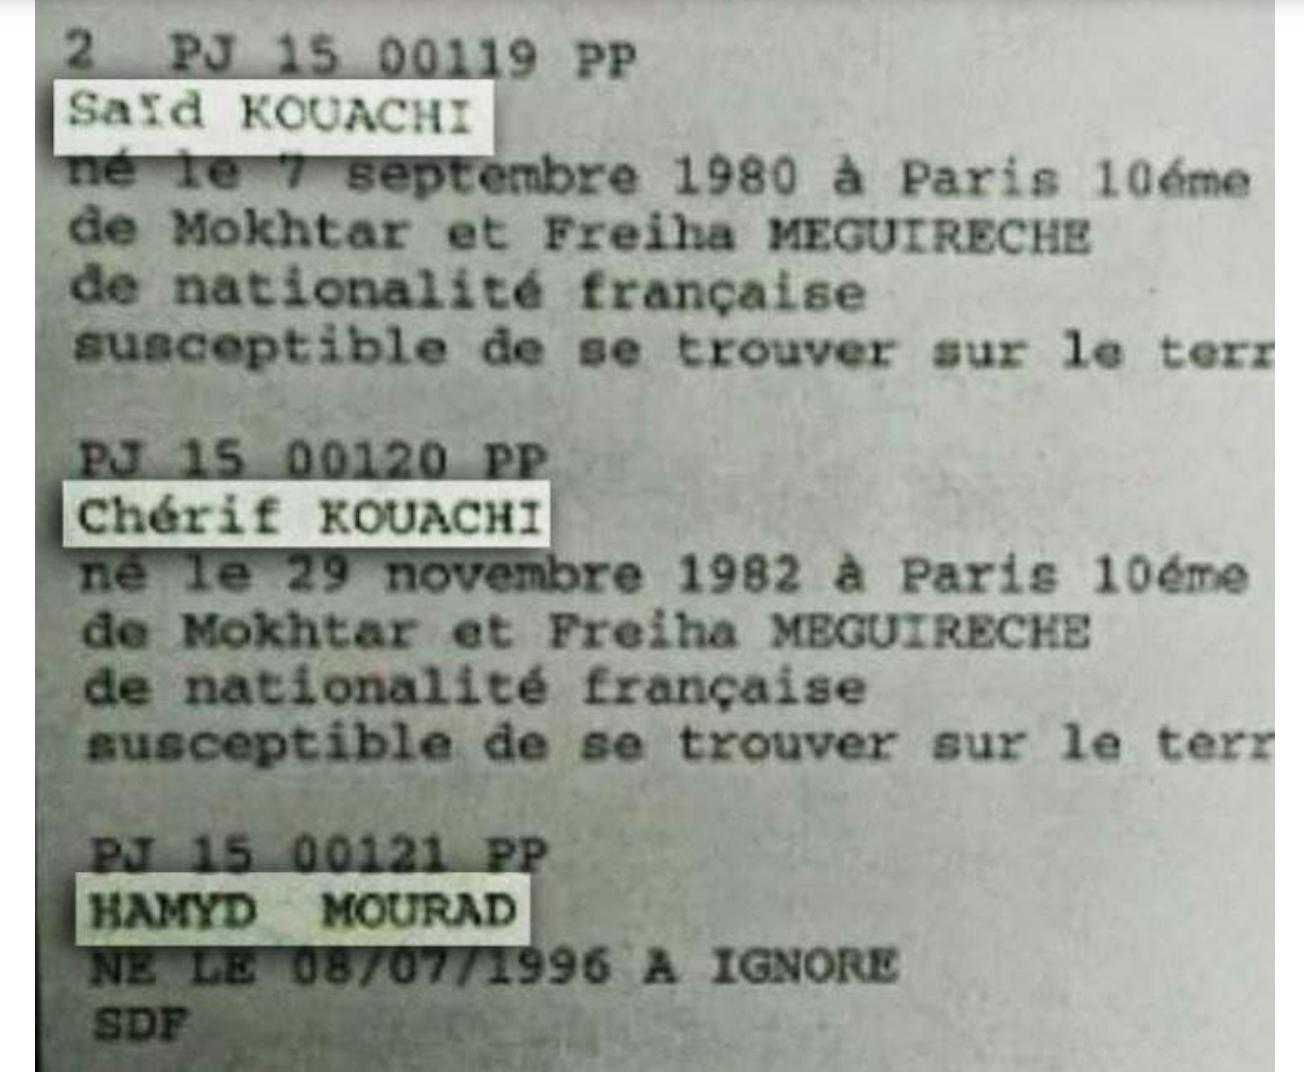 Le gentil beau-frère des Frères Kouachi a essayé de rejoindre l'EI…